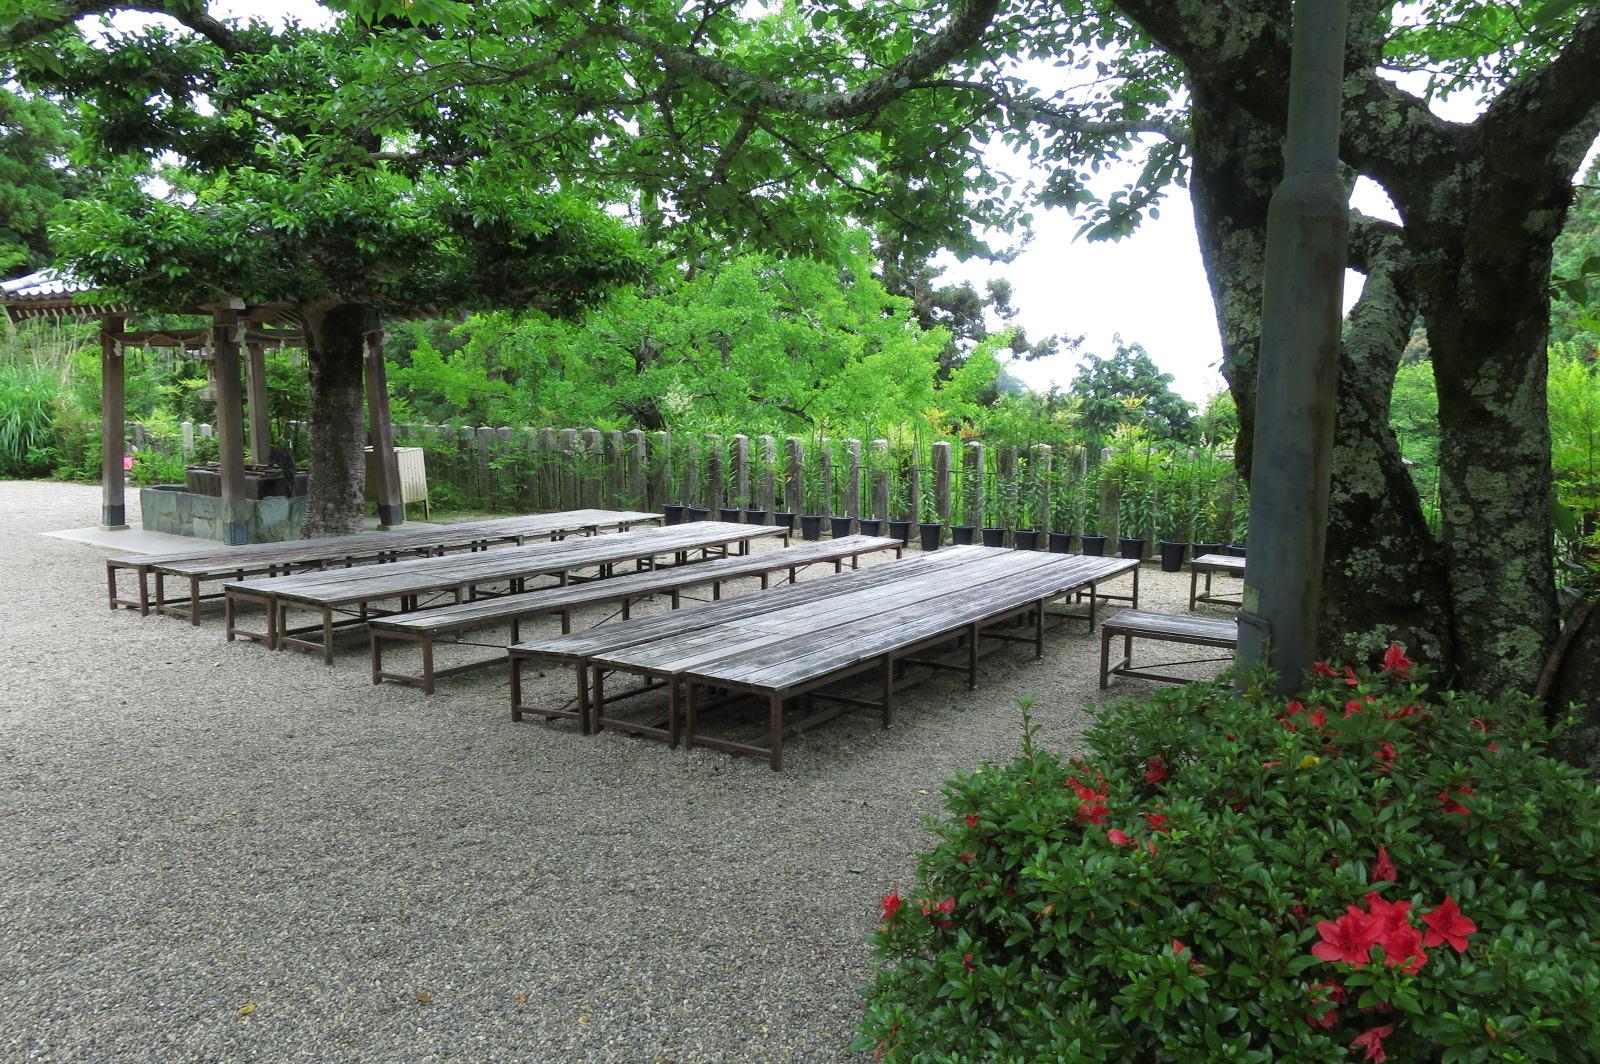 長椅子がありましたので、ゆっくり休憩しました。これから藤ノ木古墳に向かいます。